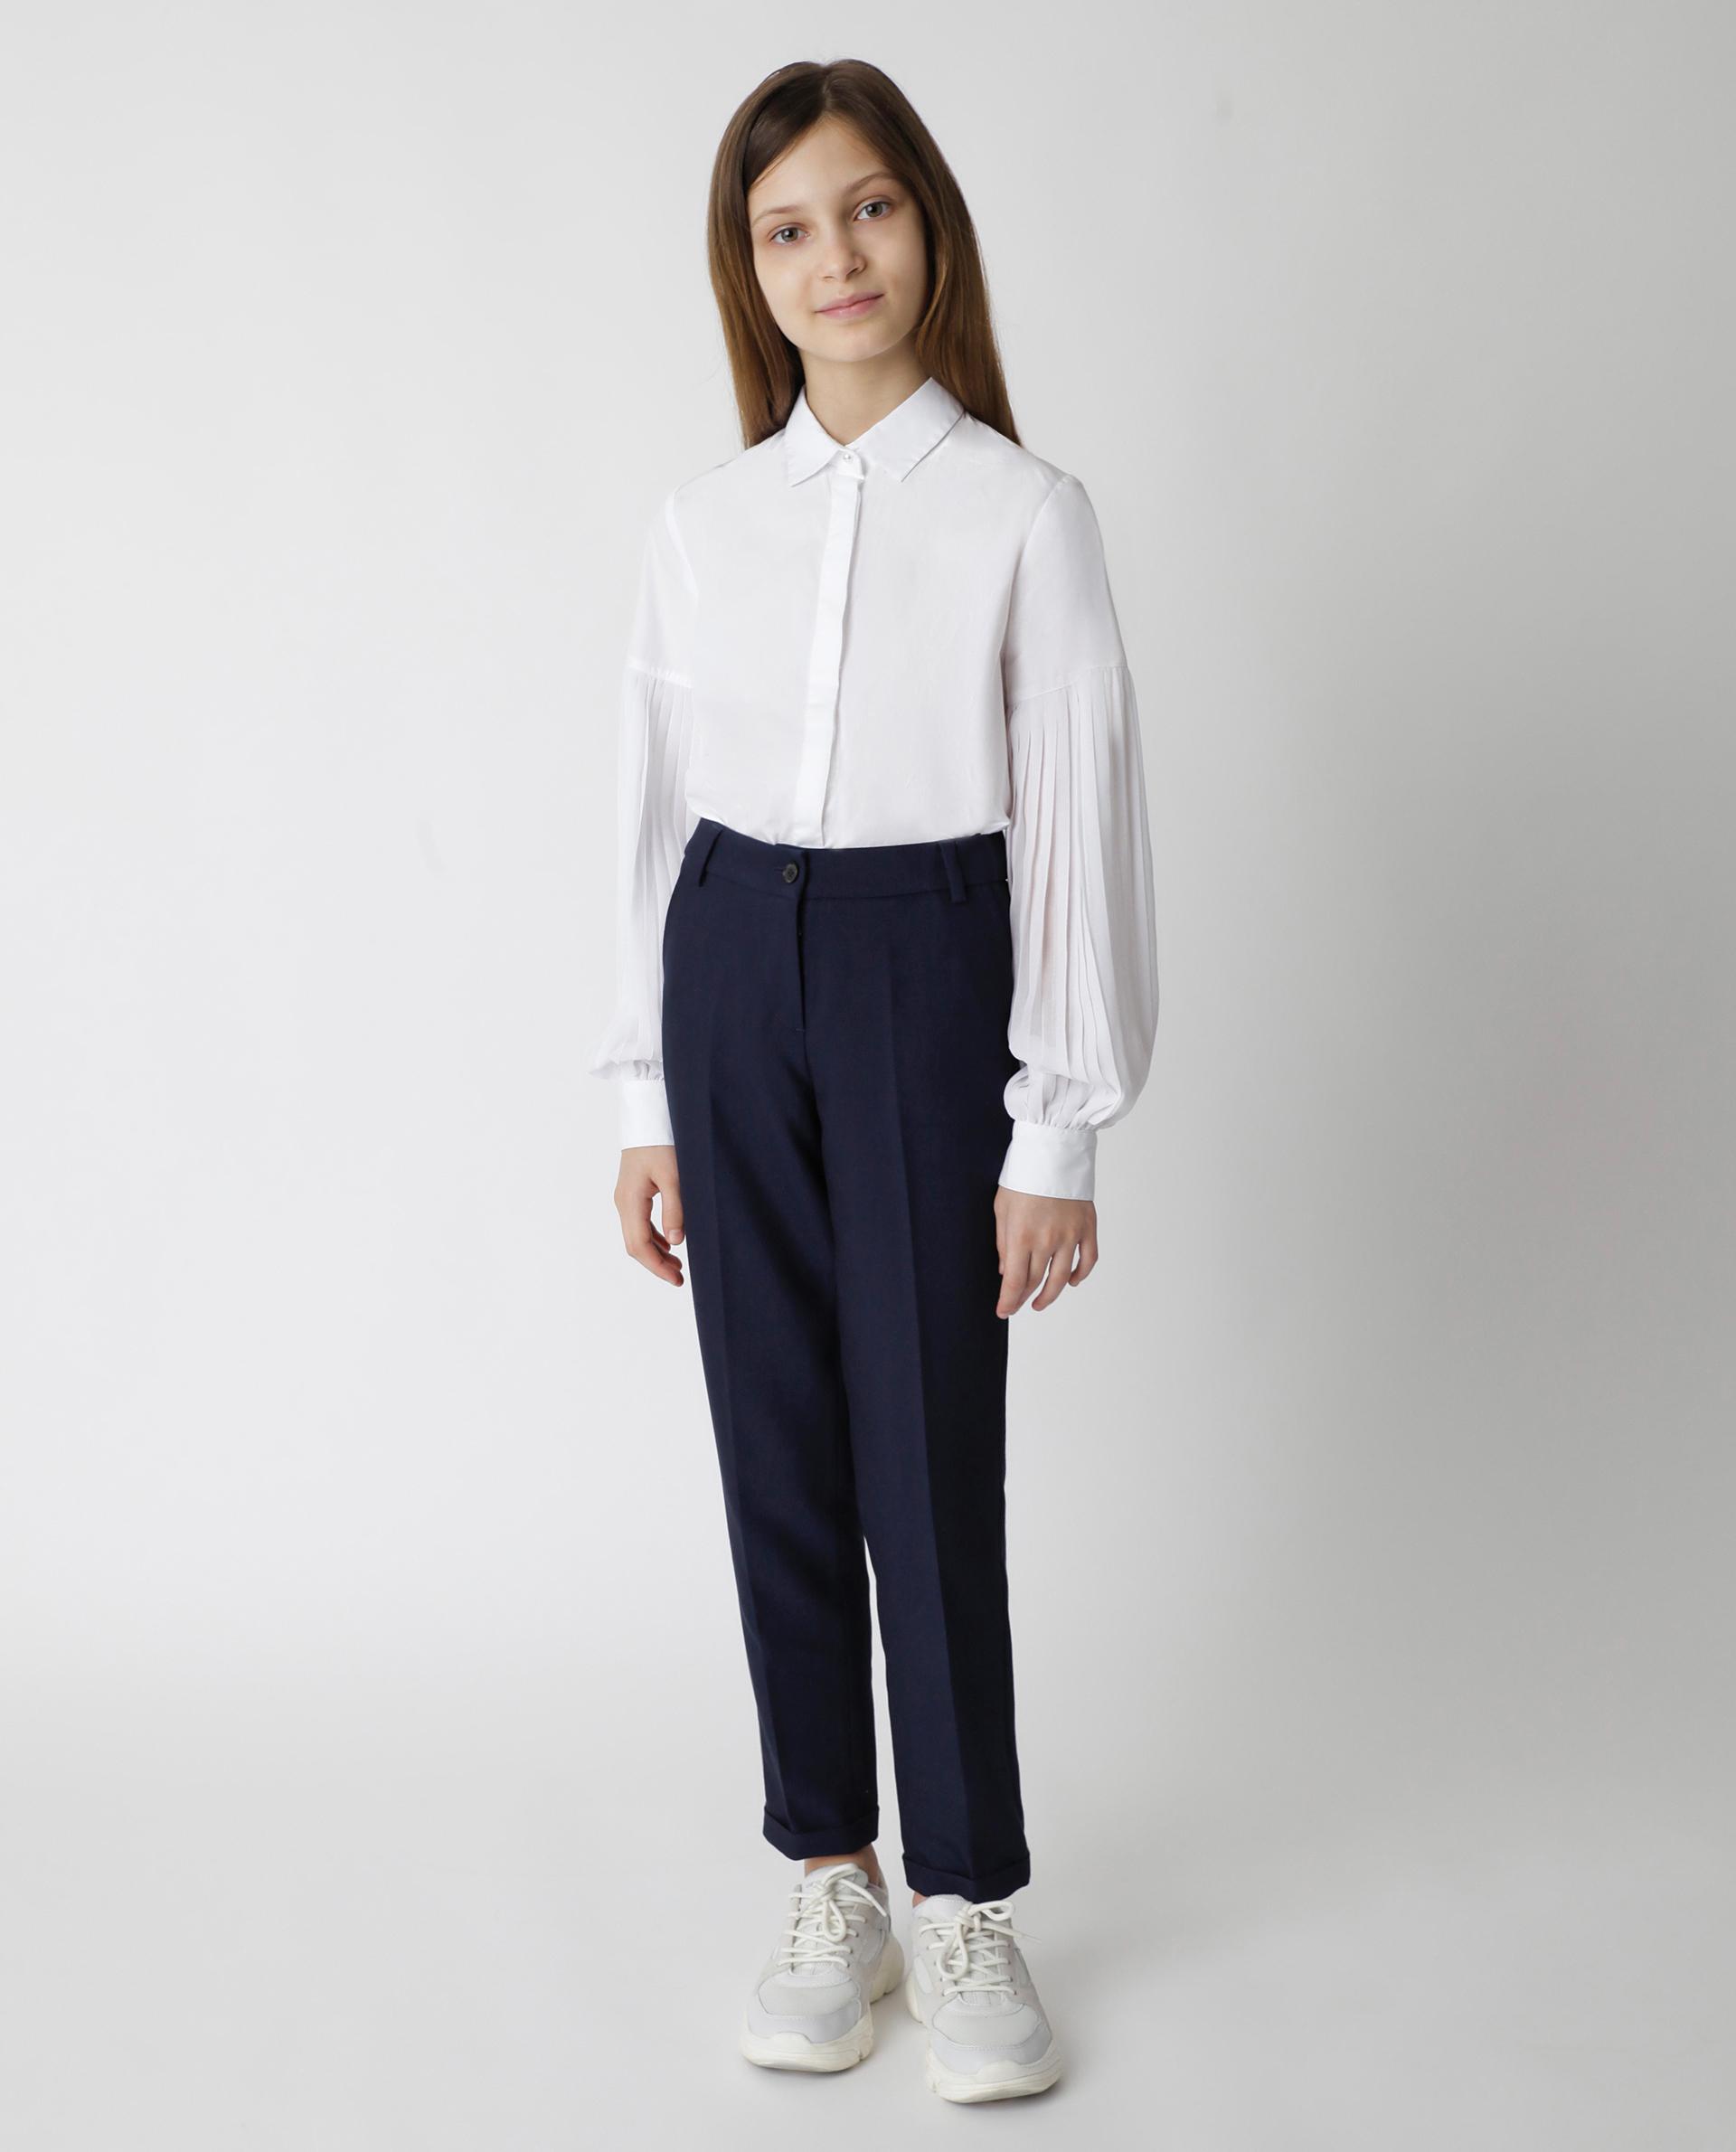 Купить 220GSGC6304, Синие брюки Gulliver, синий, 122, Женский, Демисезон, ШКОЛЬНАЯ ФОРМА 2020-2021 (shop: GulliverMarket Gulliver Market)